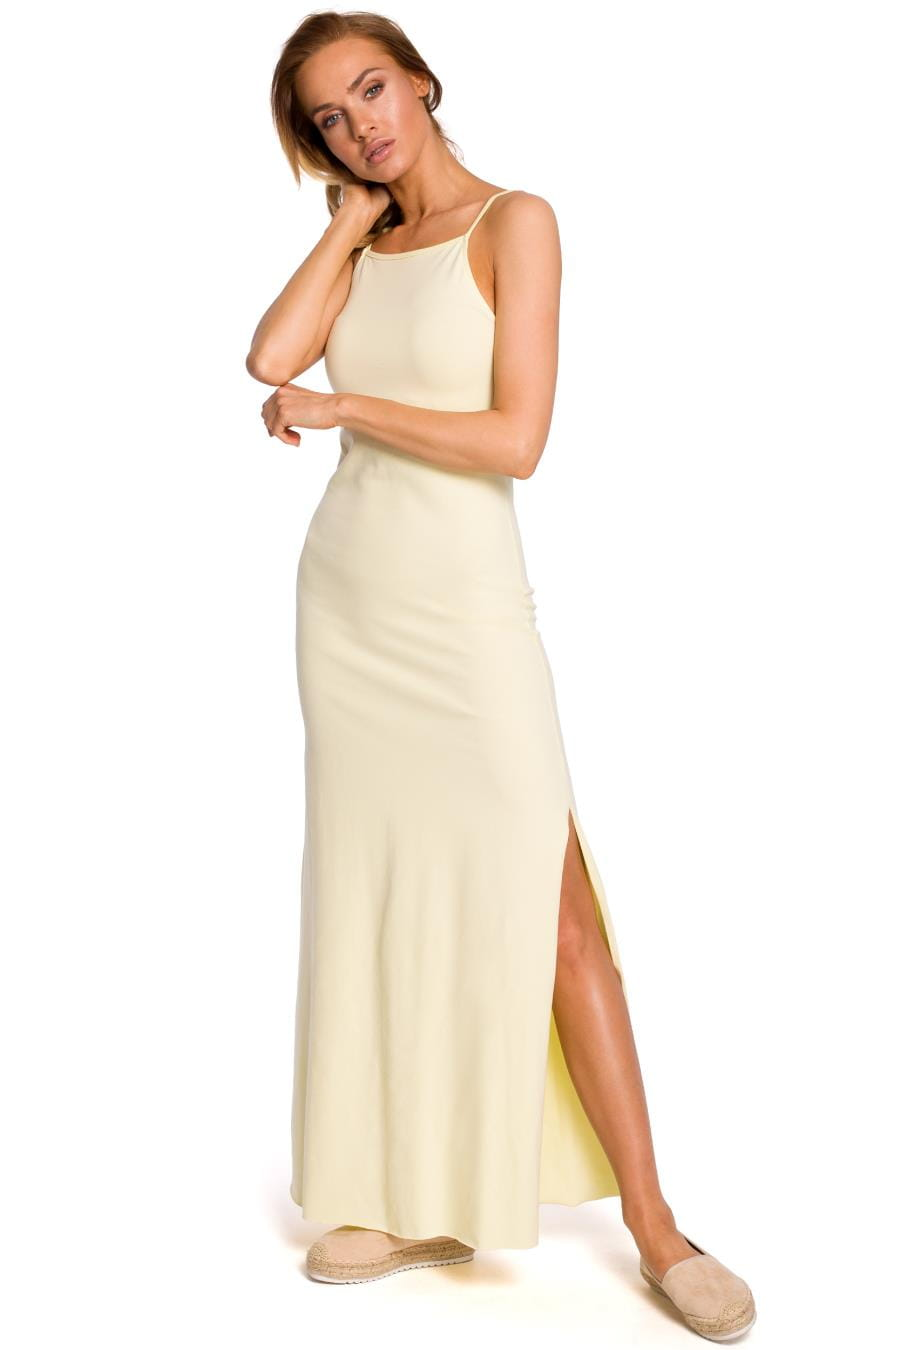 Bawełniana Dzienna Maxi Sukienka Żółta MO432